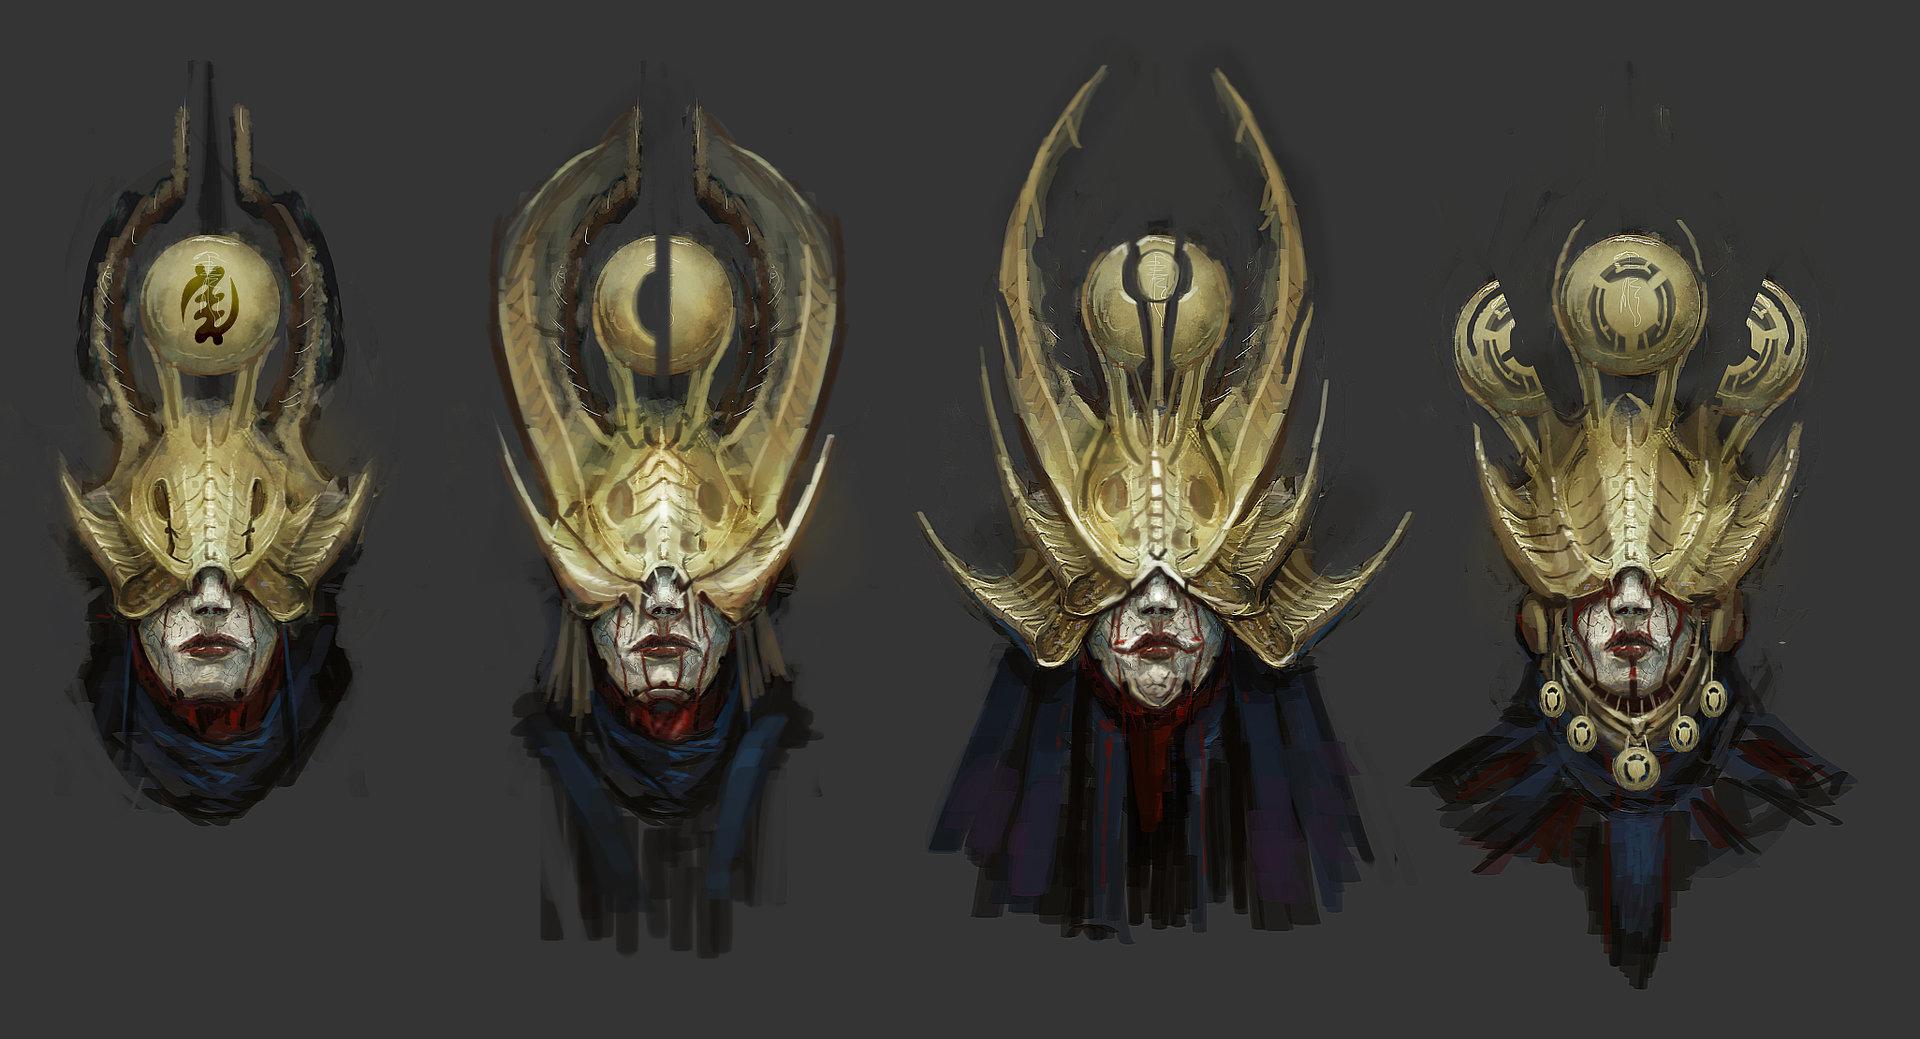 Concept art золотого кровавого шлема без глаз, концепт арт muyoung-kim